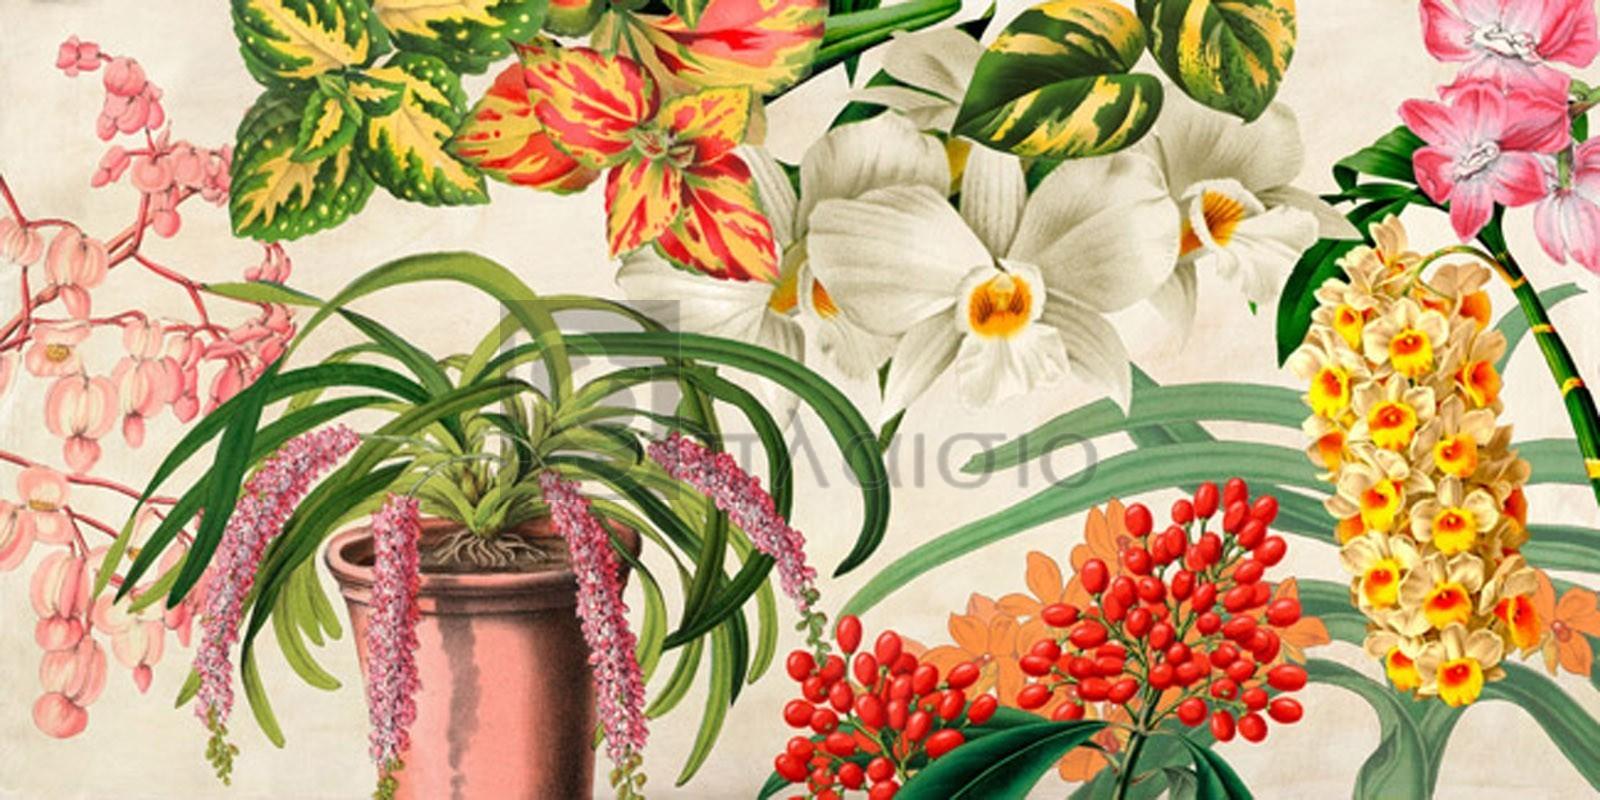 Remy Dellal - Panneau Botanique IV